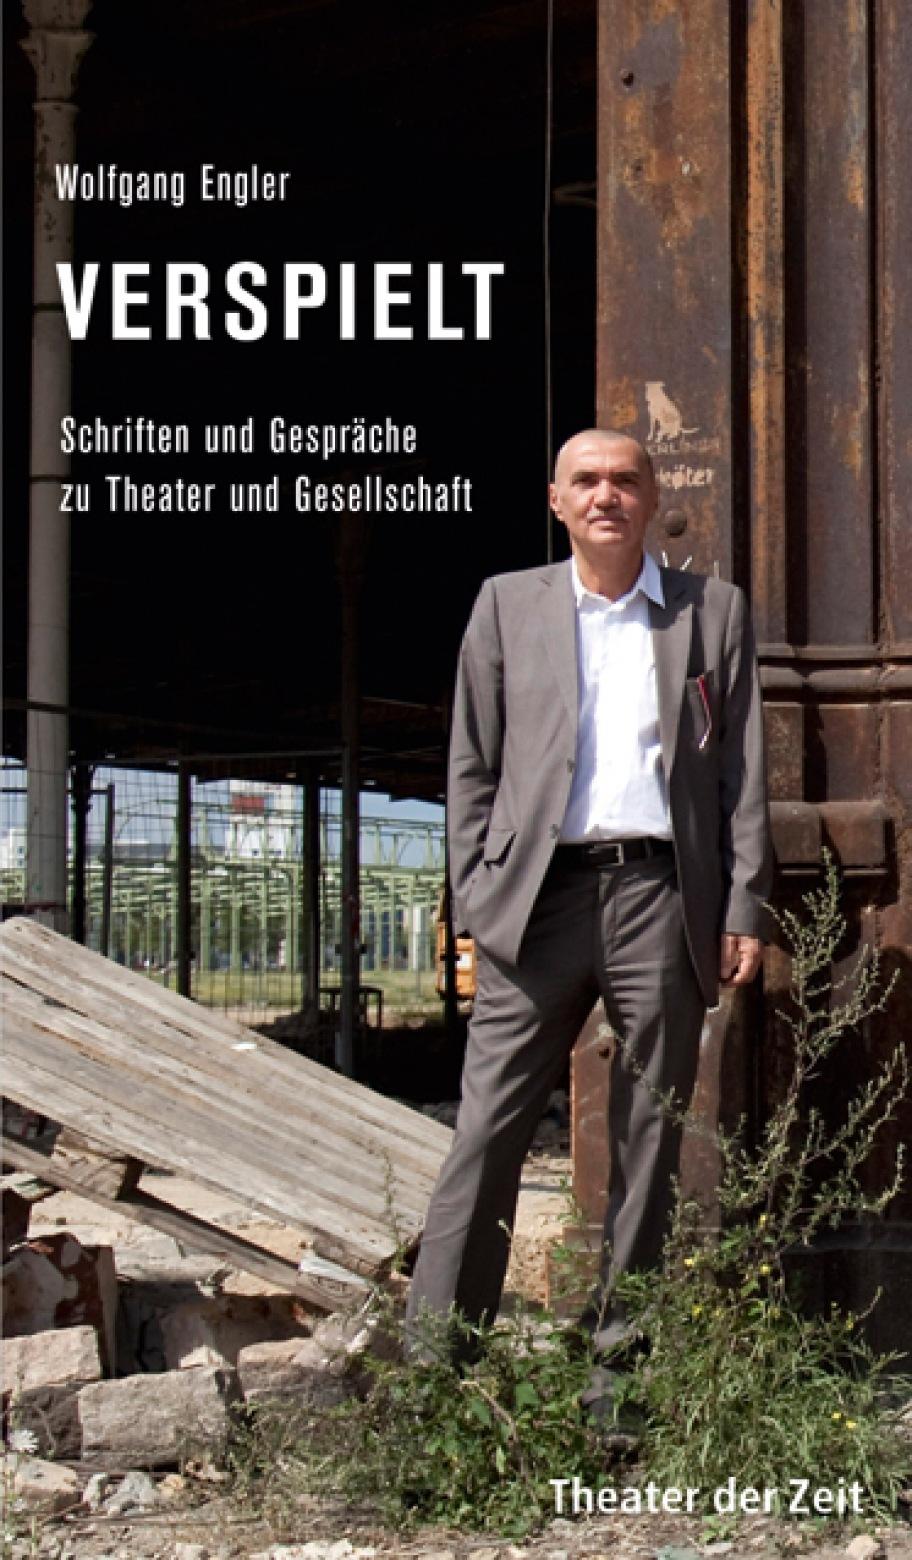 Wolfgang Engler: Verspielt